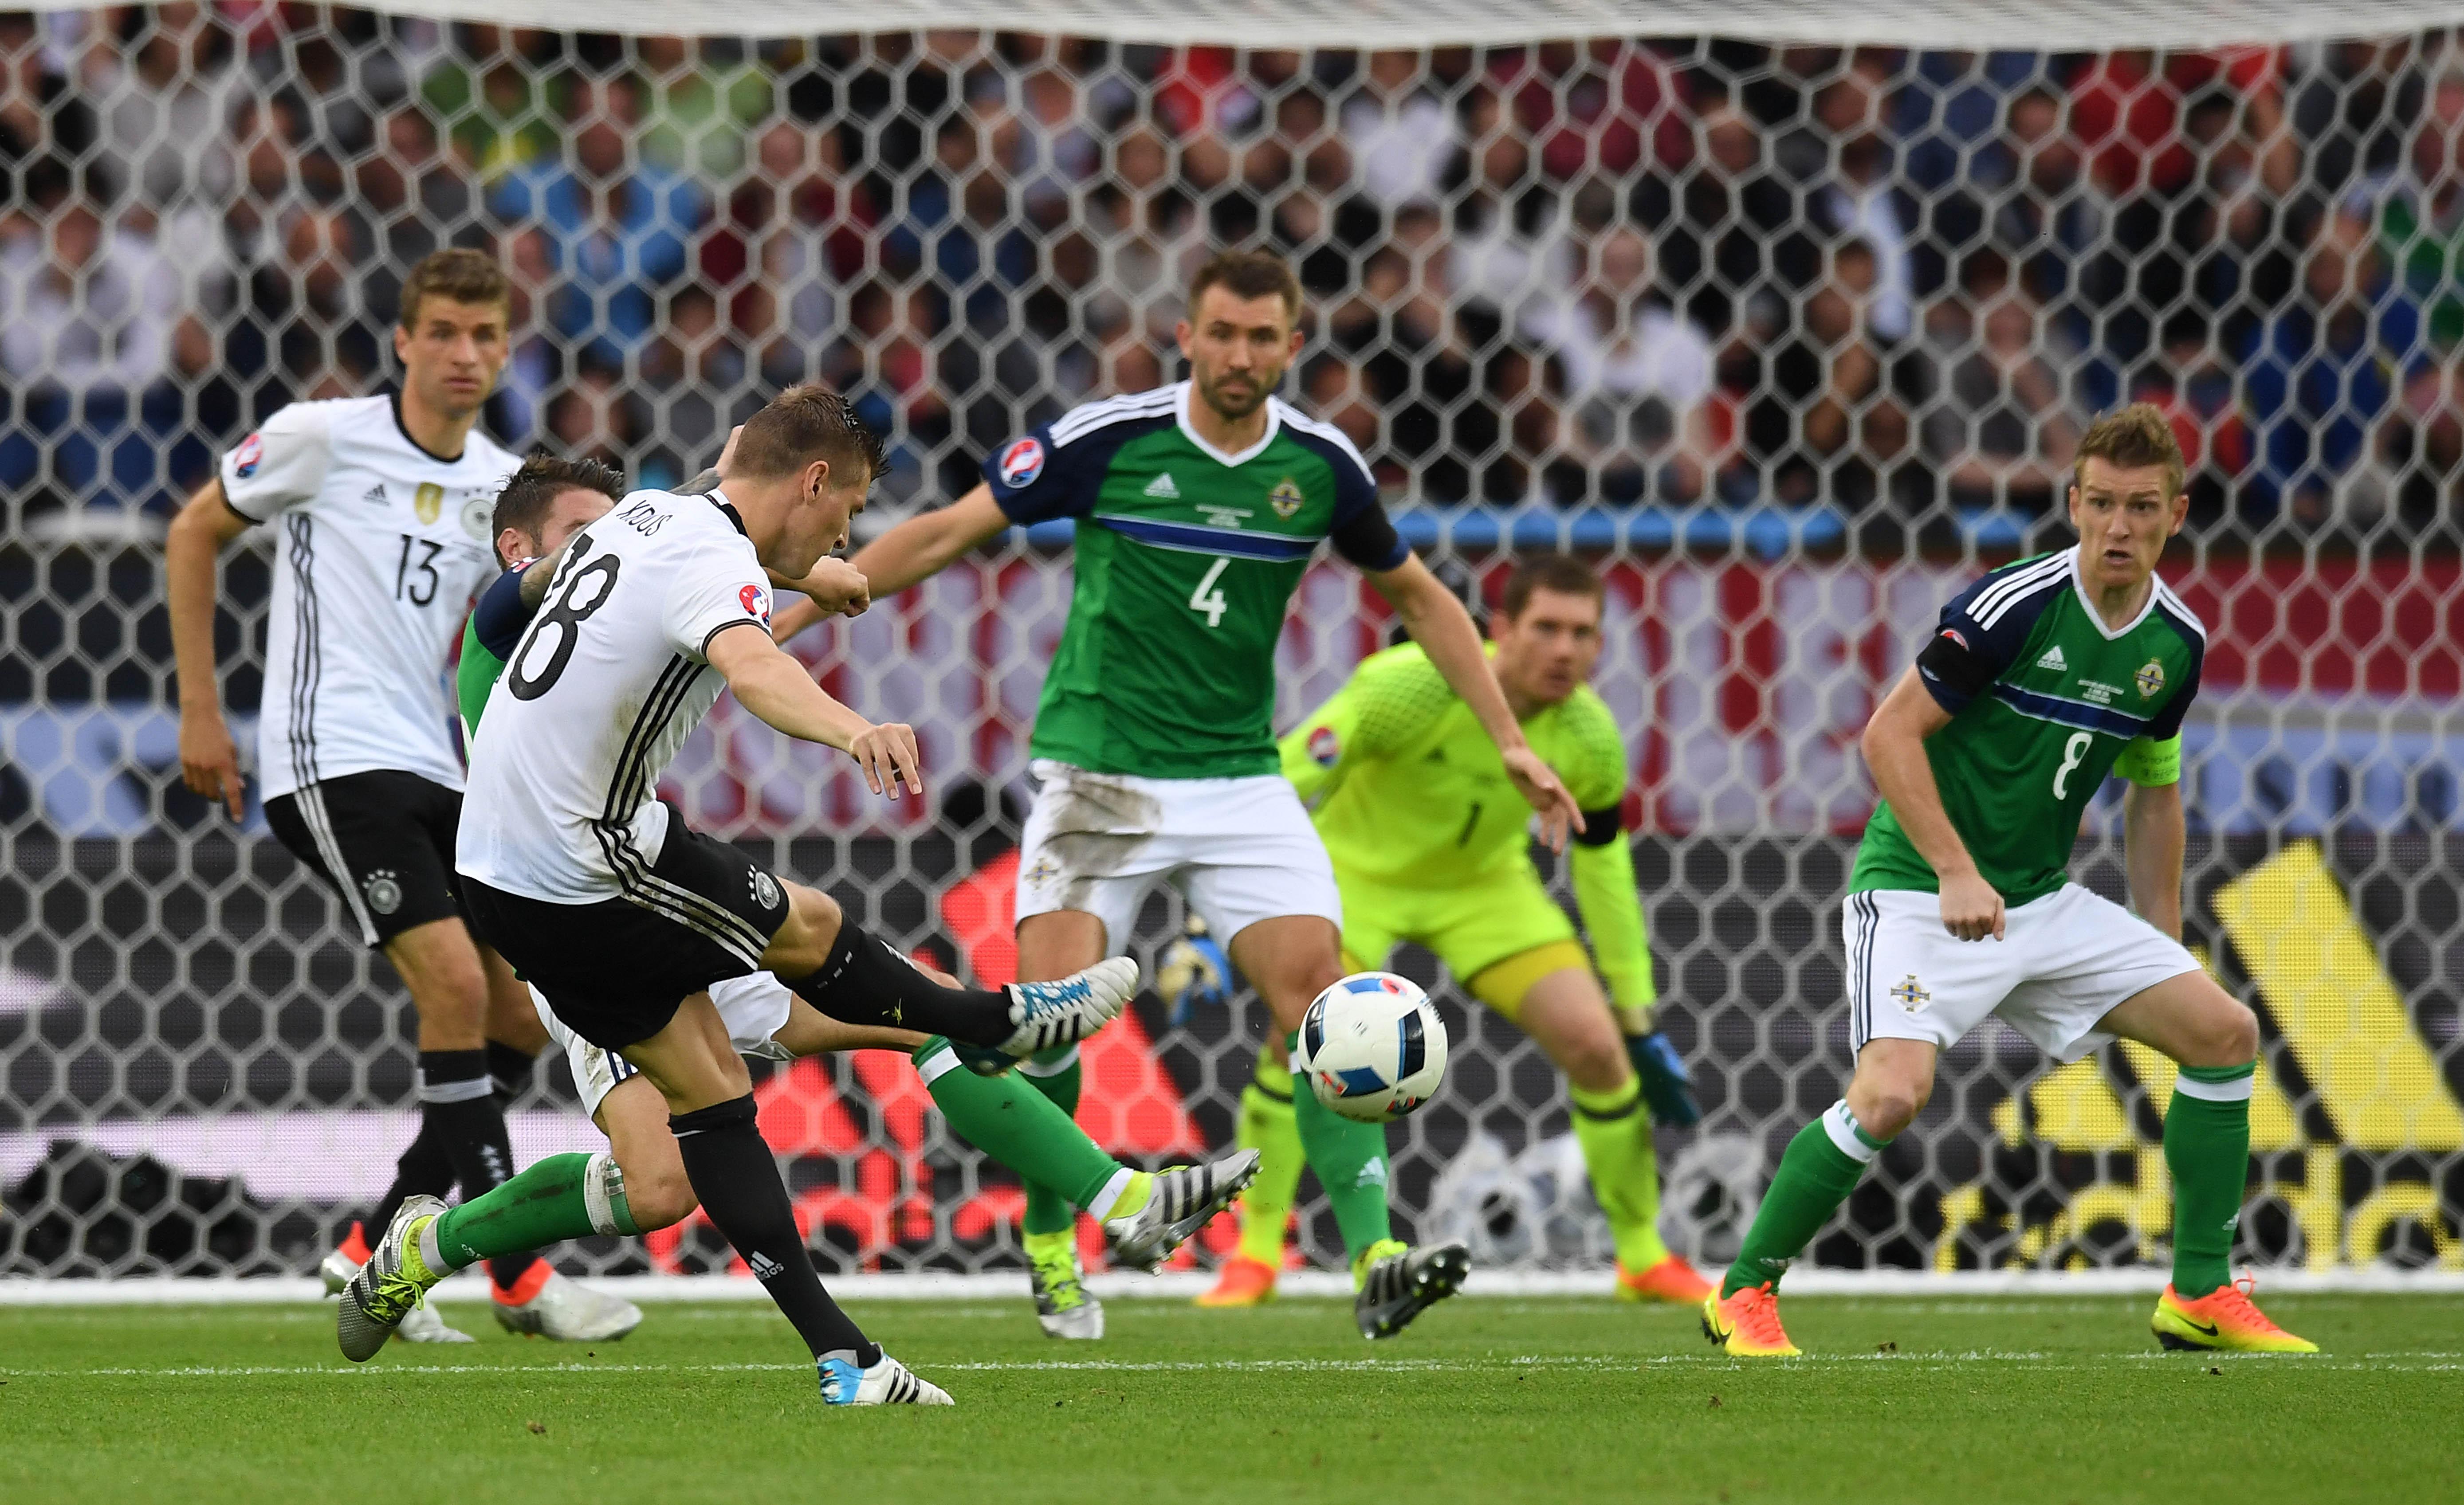 Fussball Heute Deutschland Nordirland Im Live Stream Und